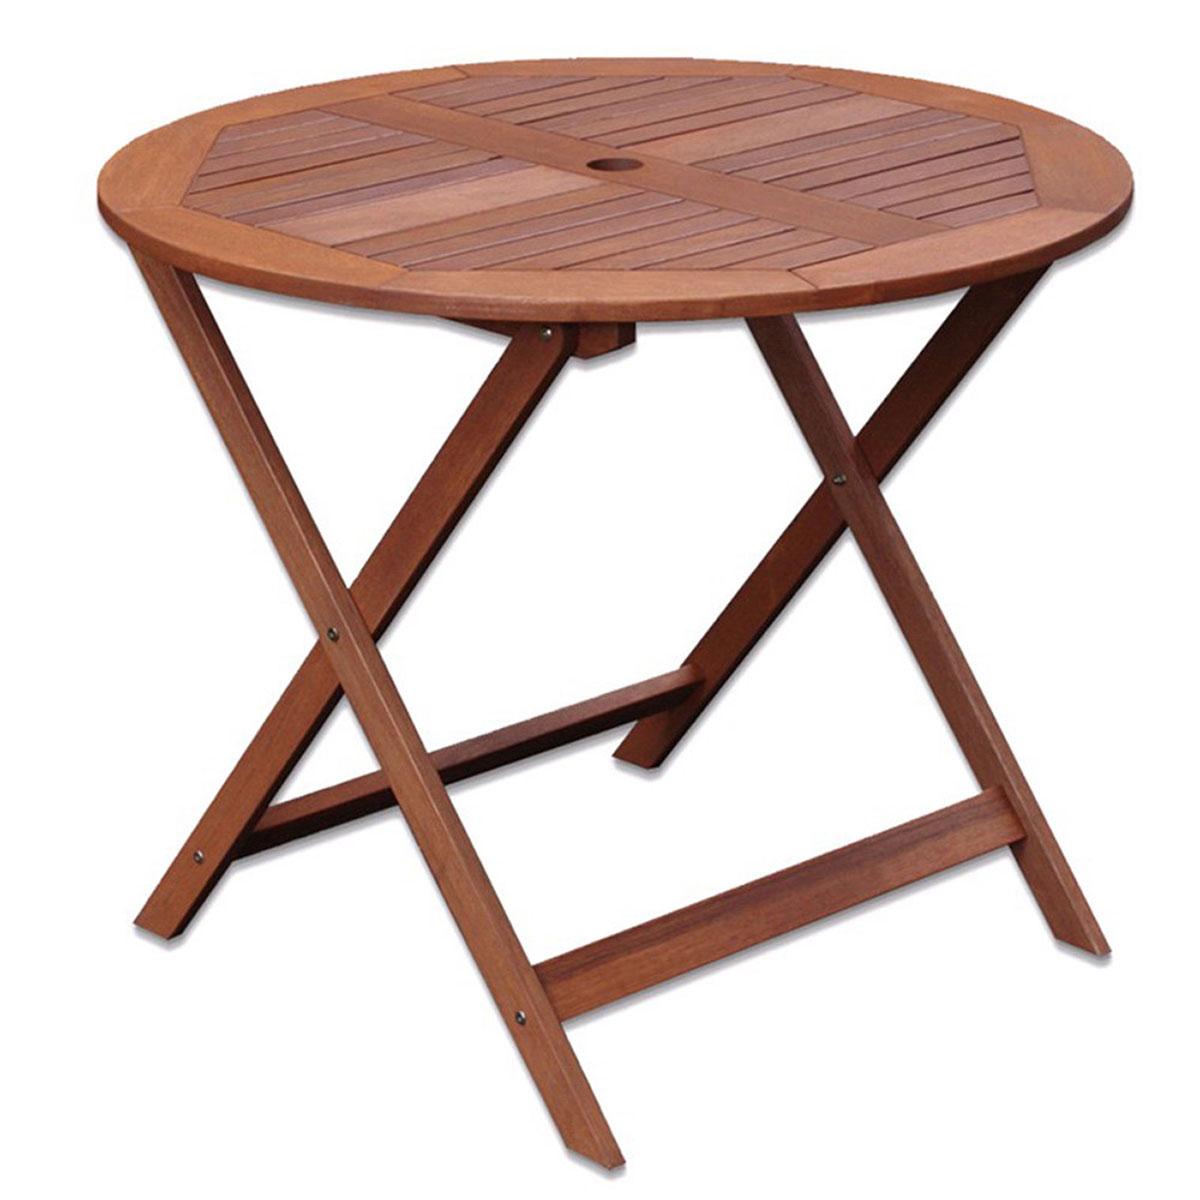 Table ronde en shorea - Naturel - 90.00 cm x 90.00 cm x 76.00 cm